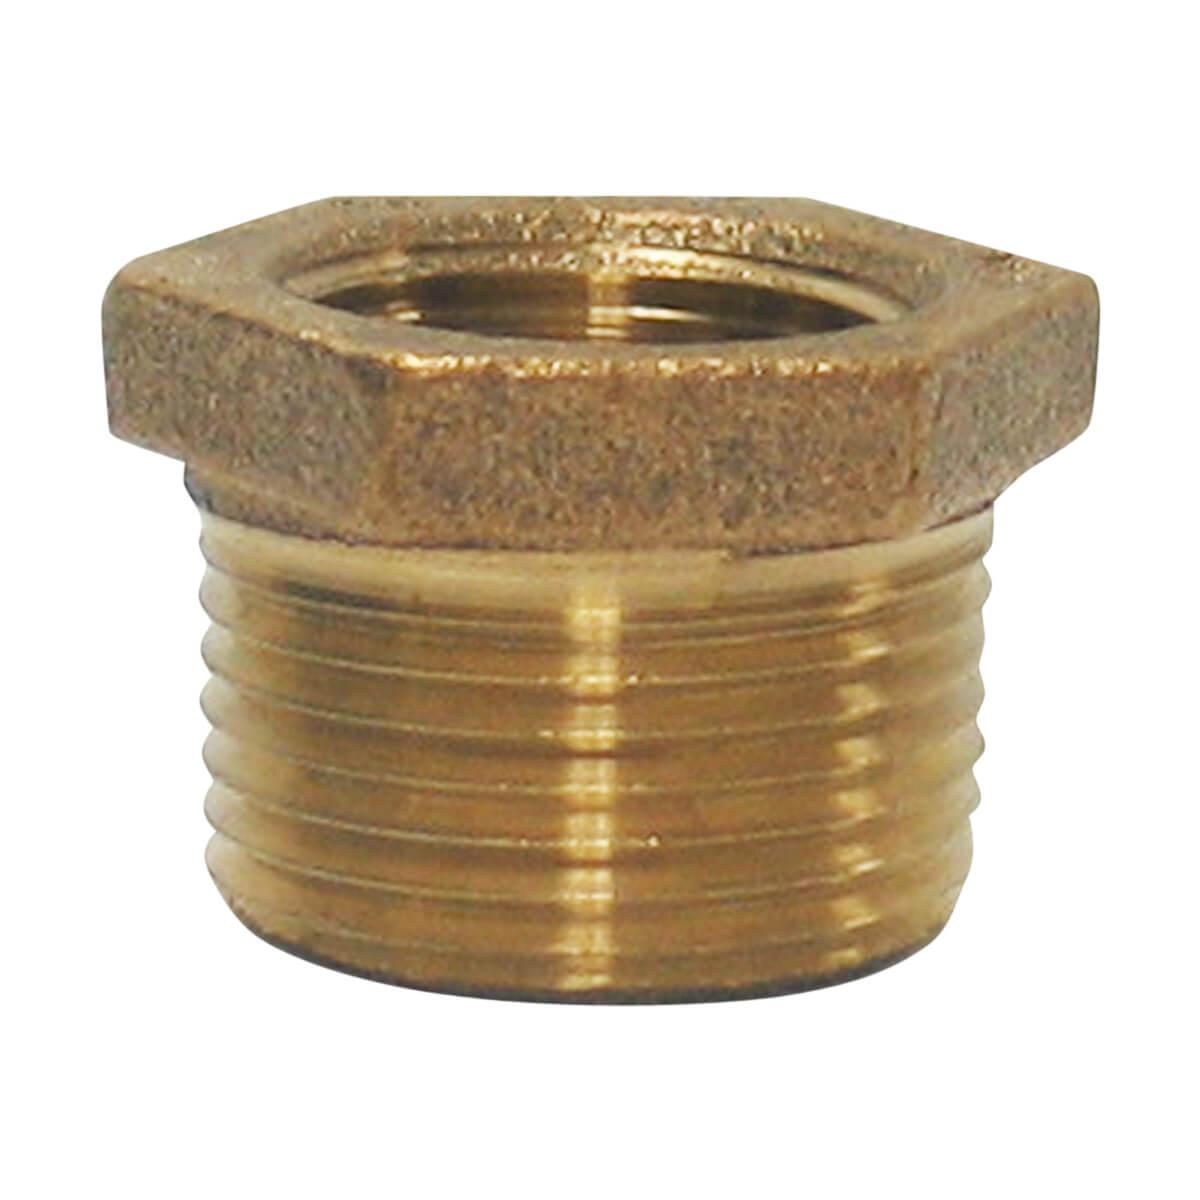 Bronze Bushing - 1-in x 3/4-in